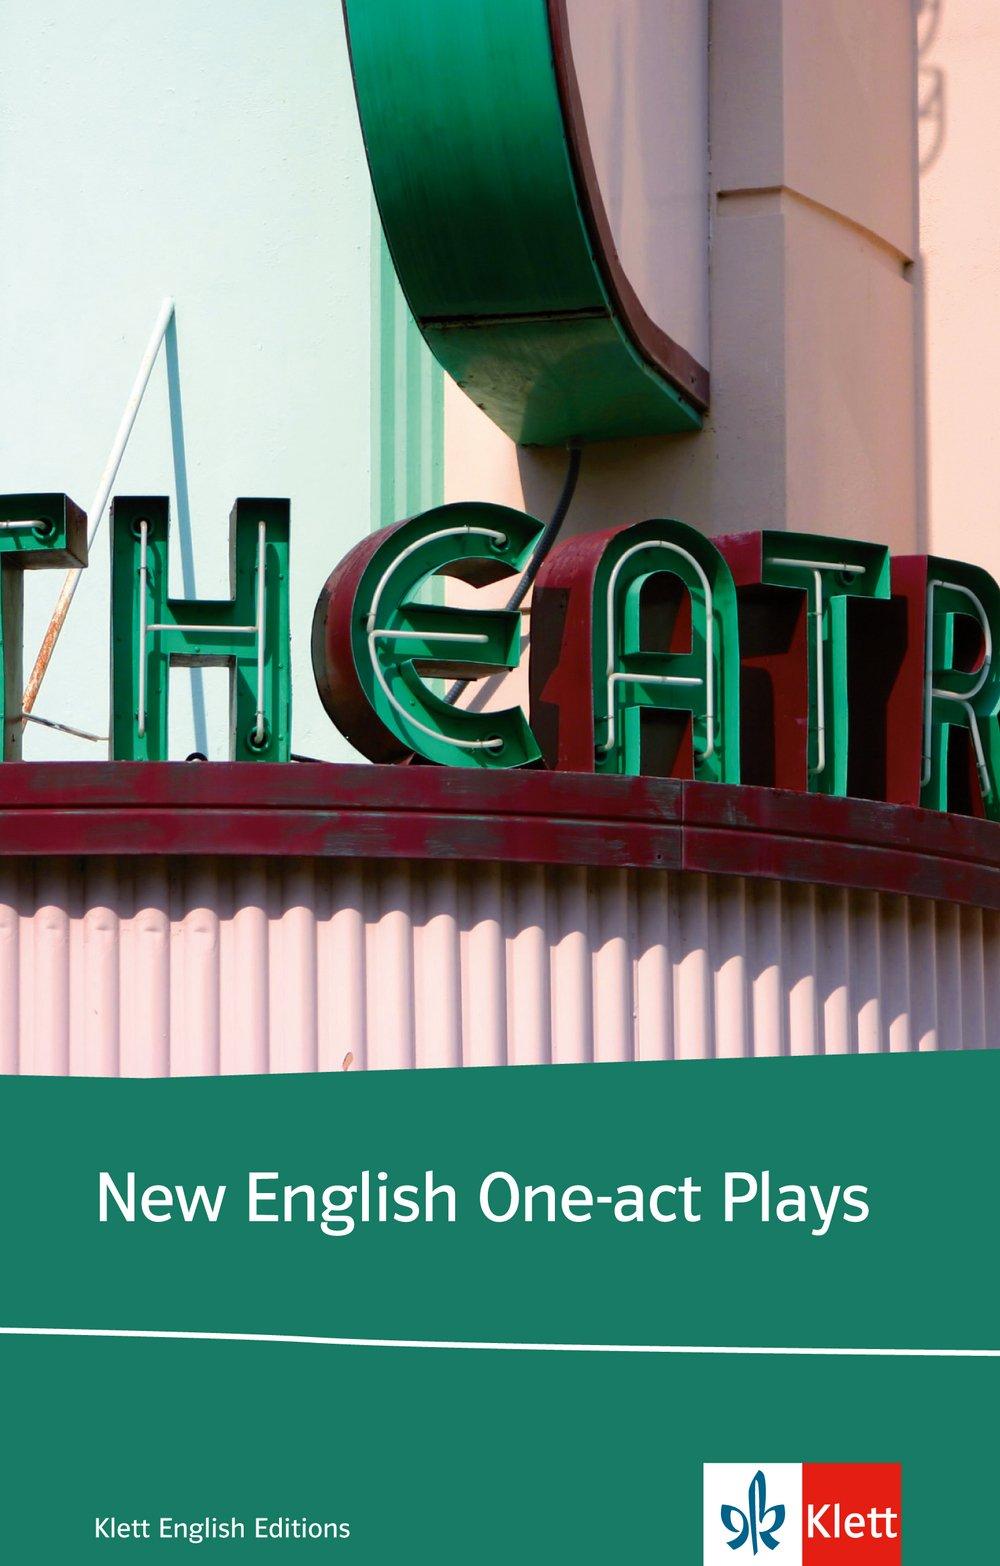 New English One-act Plays: Englische Lektüre für die Oberstufe (Klett English Editions)